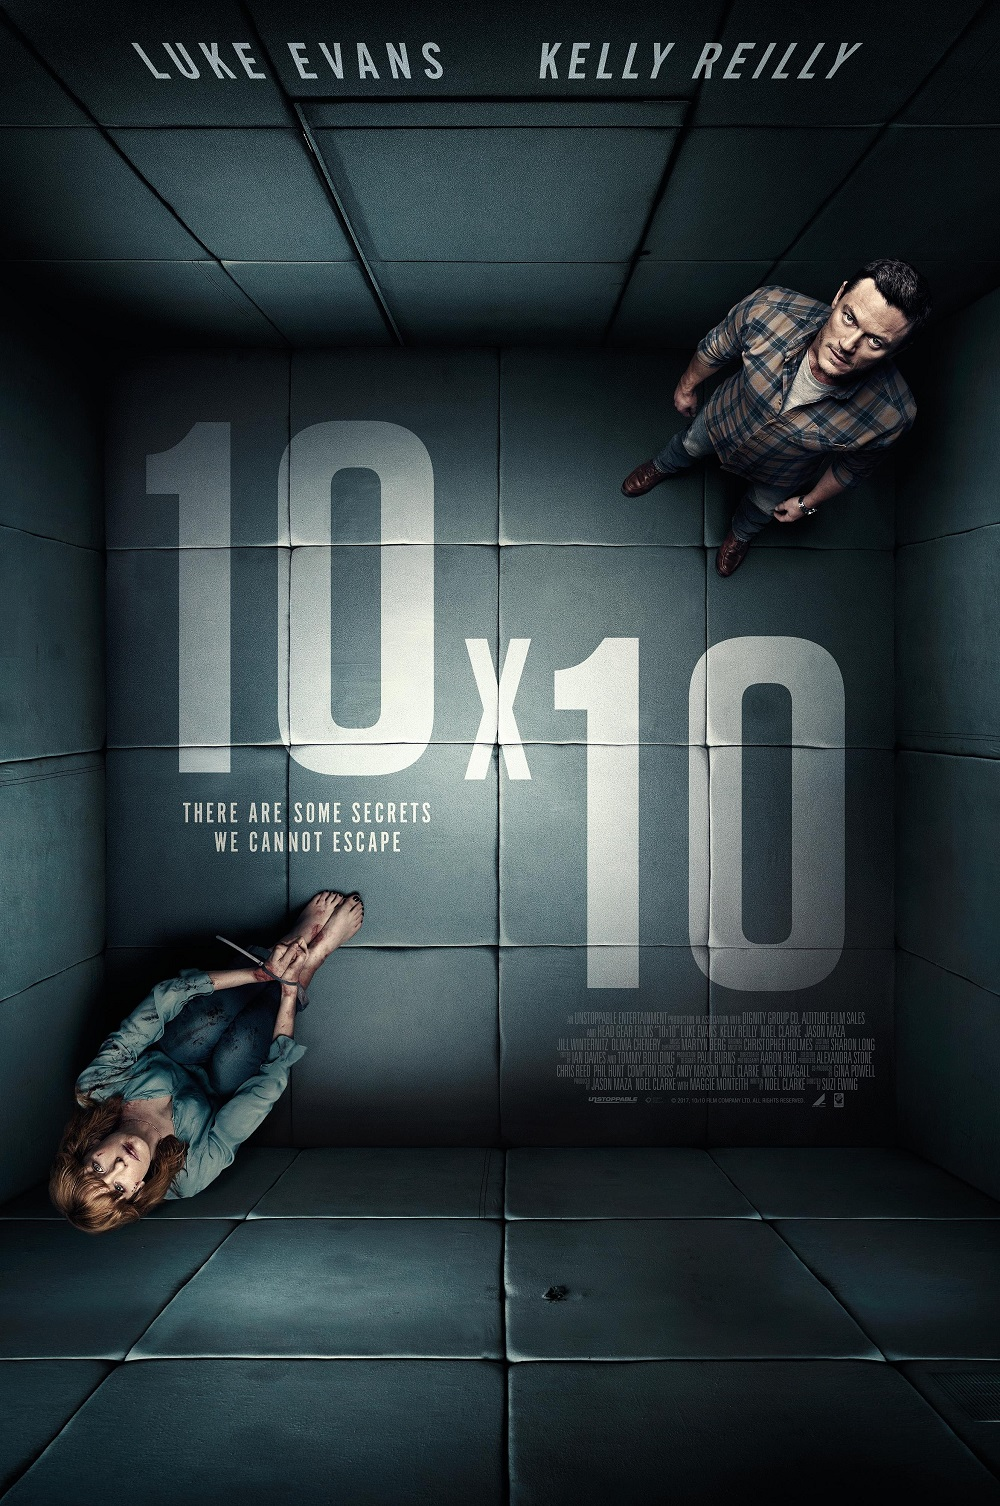 10x10 Film poster trailer luke evans Kelly Vertical Entertainment